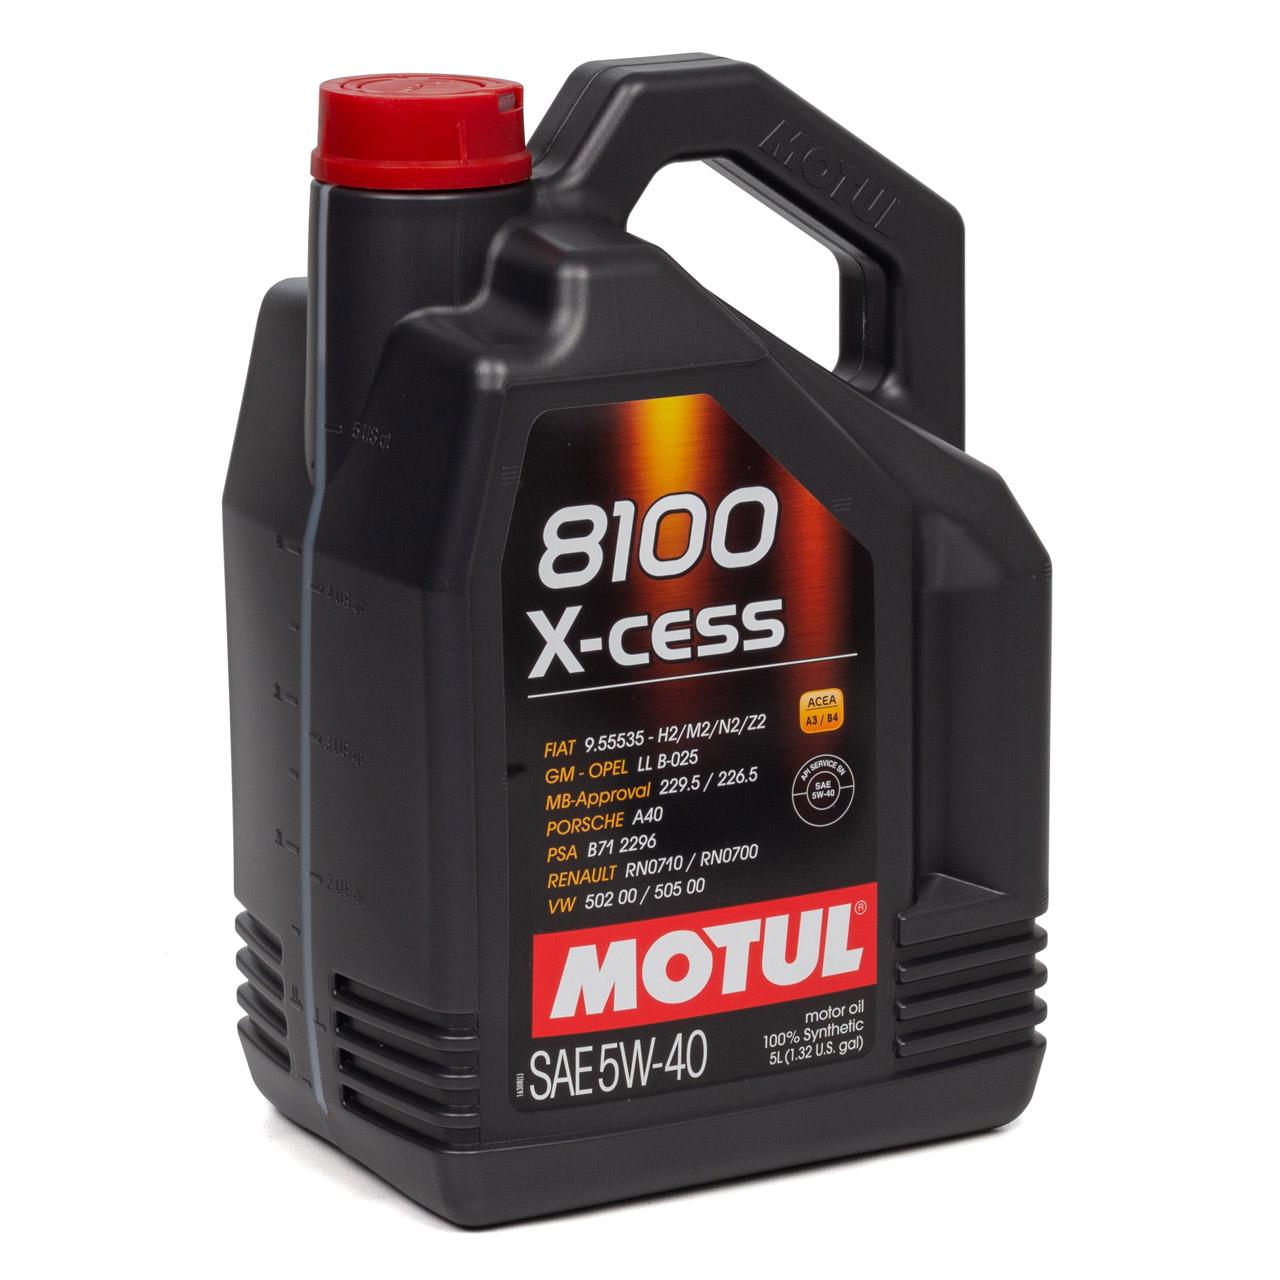 MOTUL 8100 X-cess Motoröl Öl 5W40 MB 229.5/226.5 VW 502.00/505.00 - 10L 10 Liter